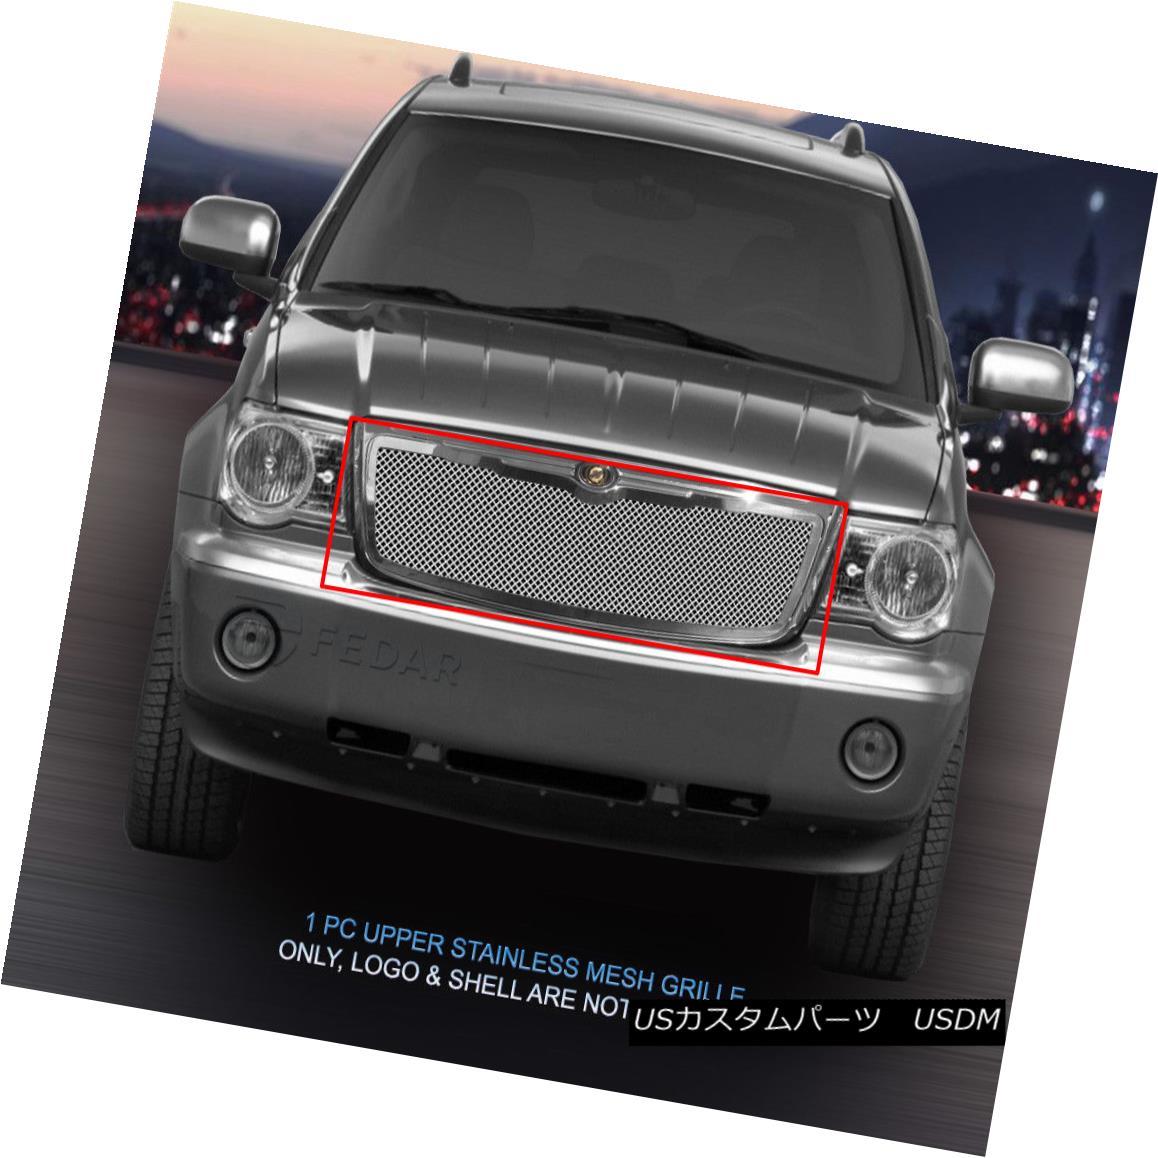 グリル Fedar Fits 2007-2009 Chrysler Aspen Wire Mesh Grille Combo Insert Fedarは2007-2009クライスラーアスペンワイヤーメッシュグリルコンボインサートを適合